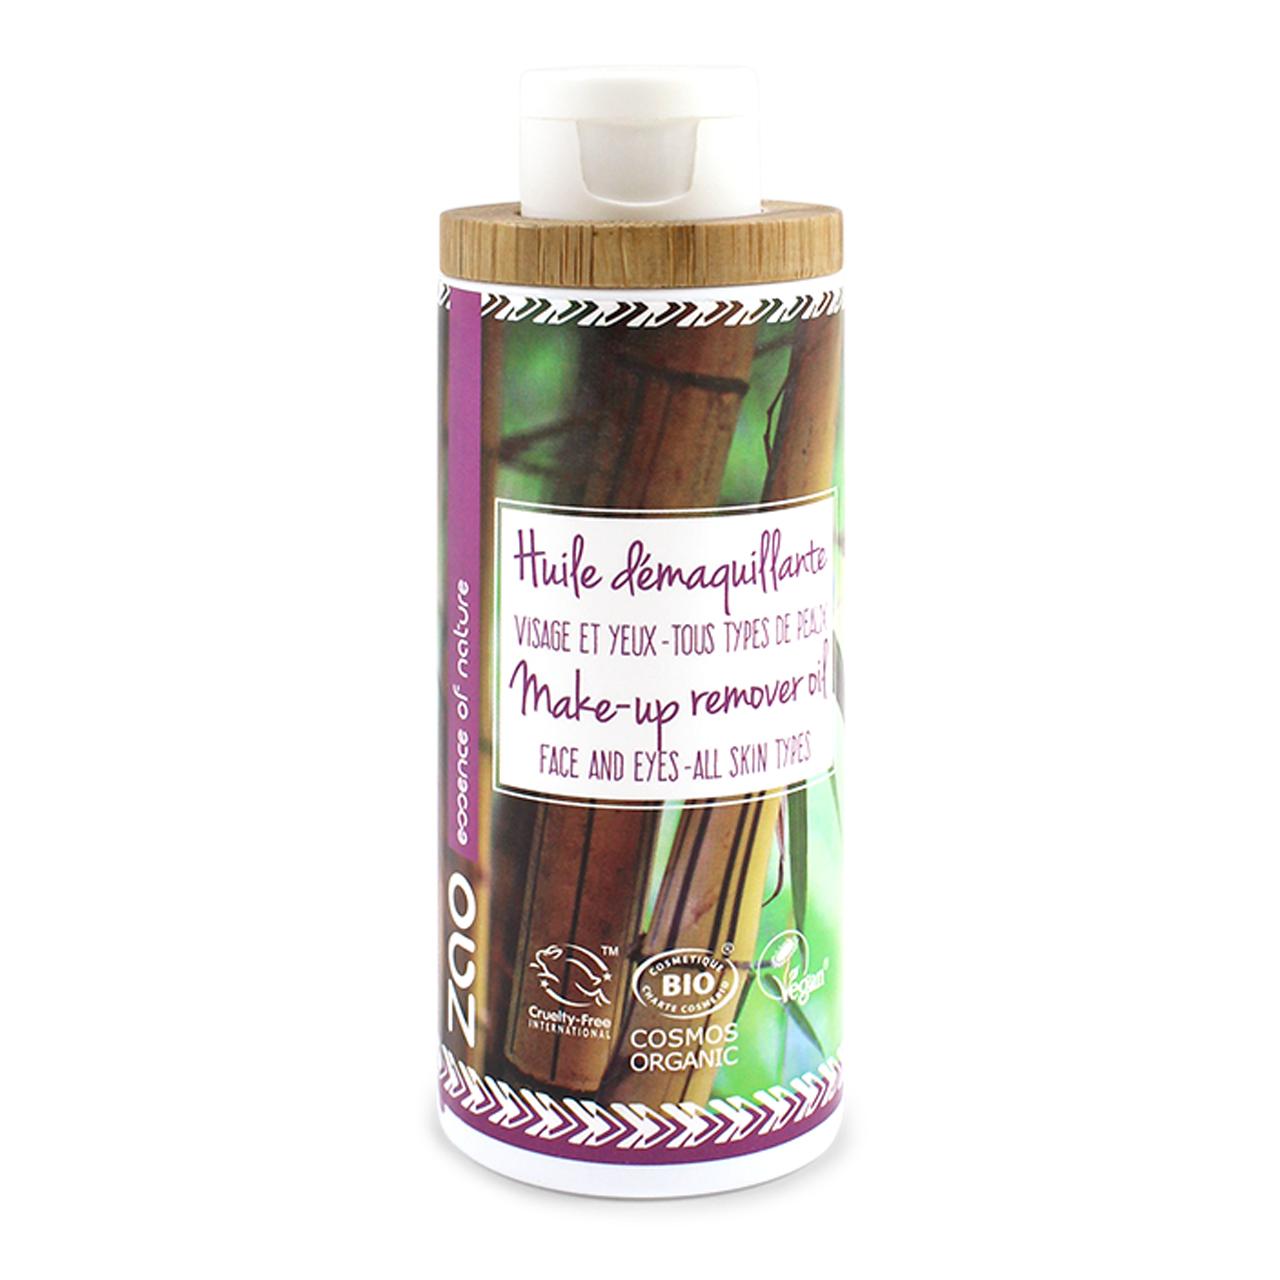 روغن پاک کننده آرایش و تقویتی زاو مدل روغنهای طبی 100میلی لیتر شماره 691